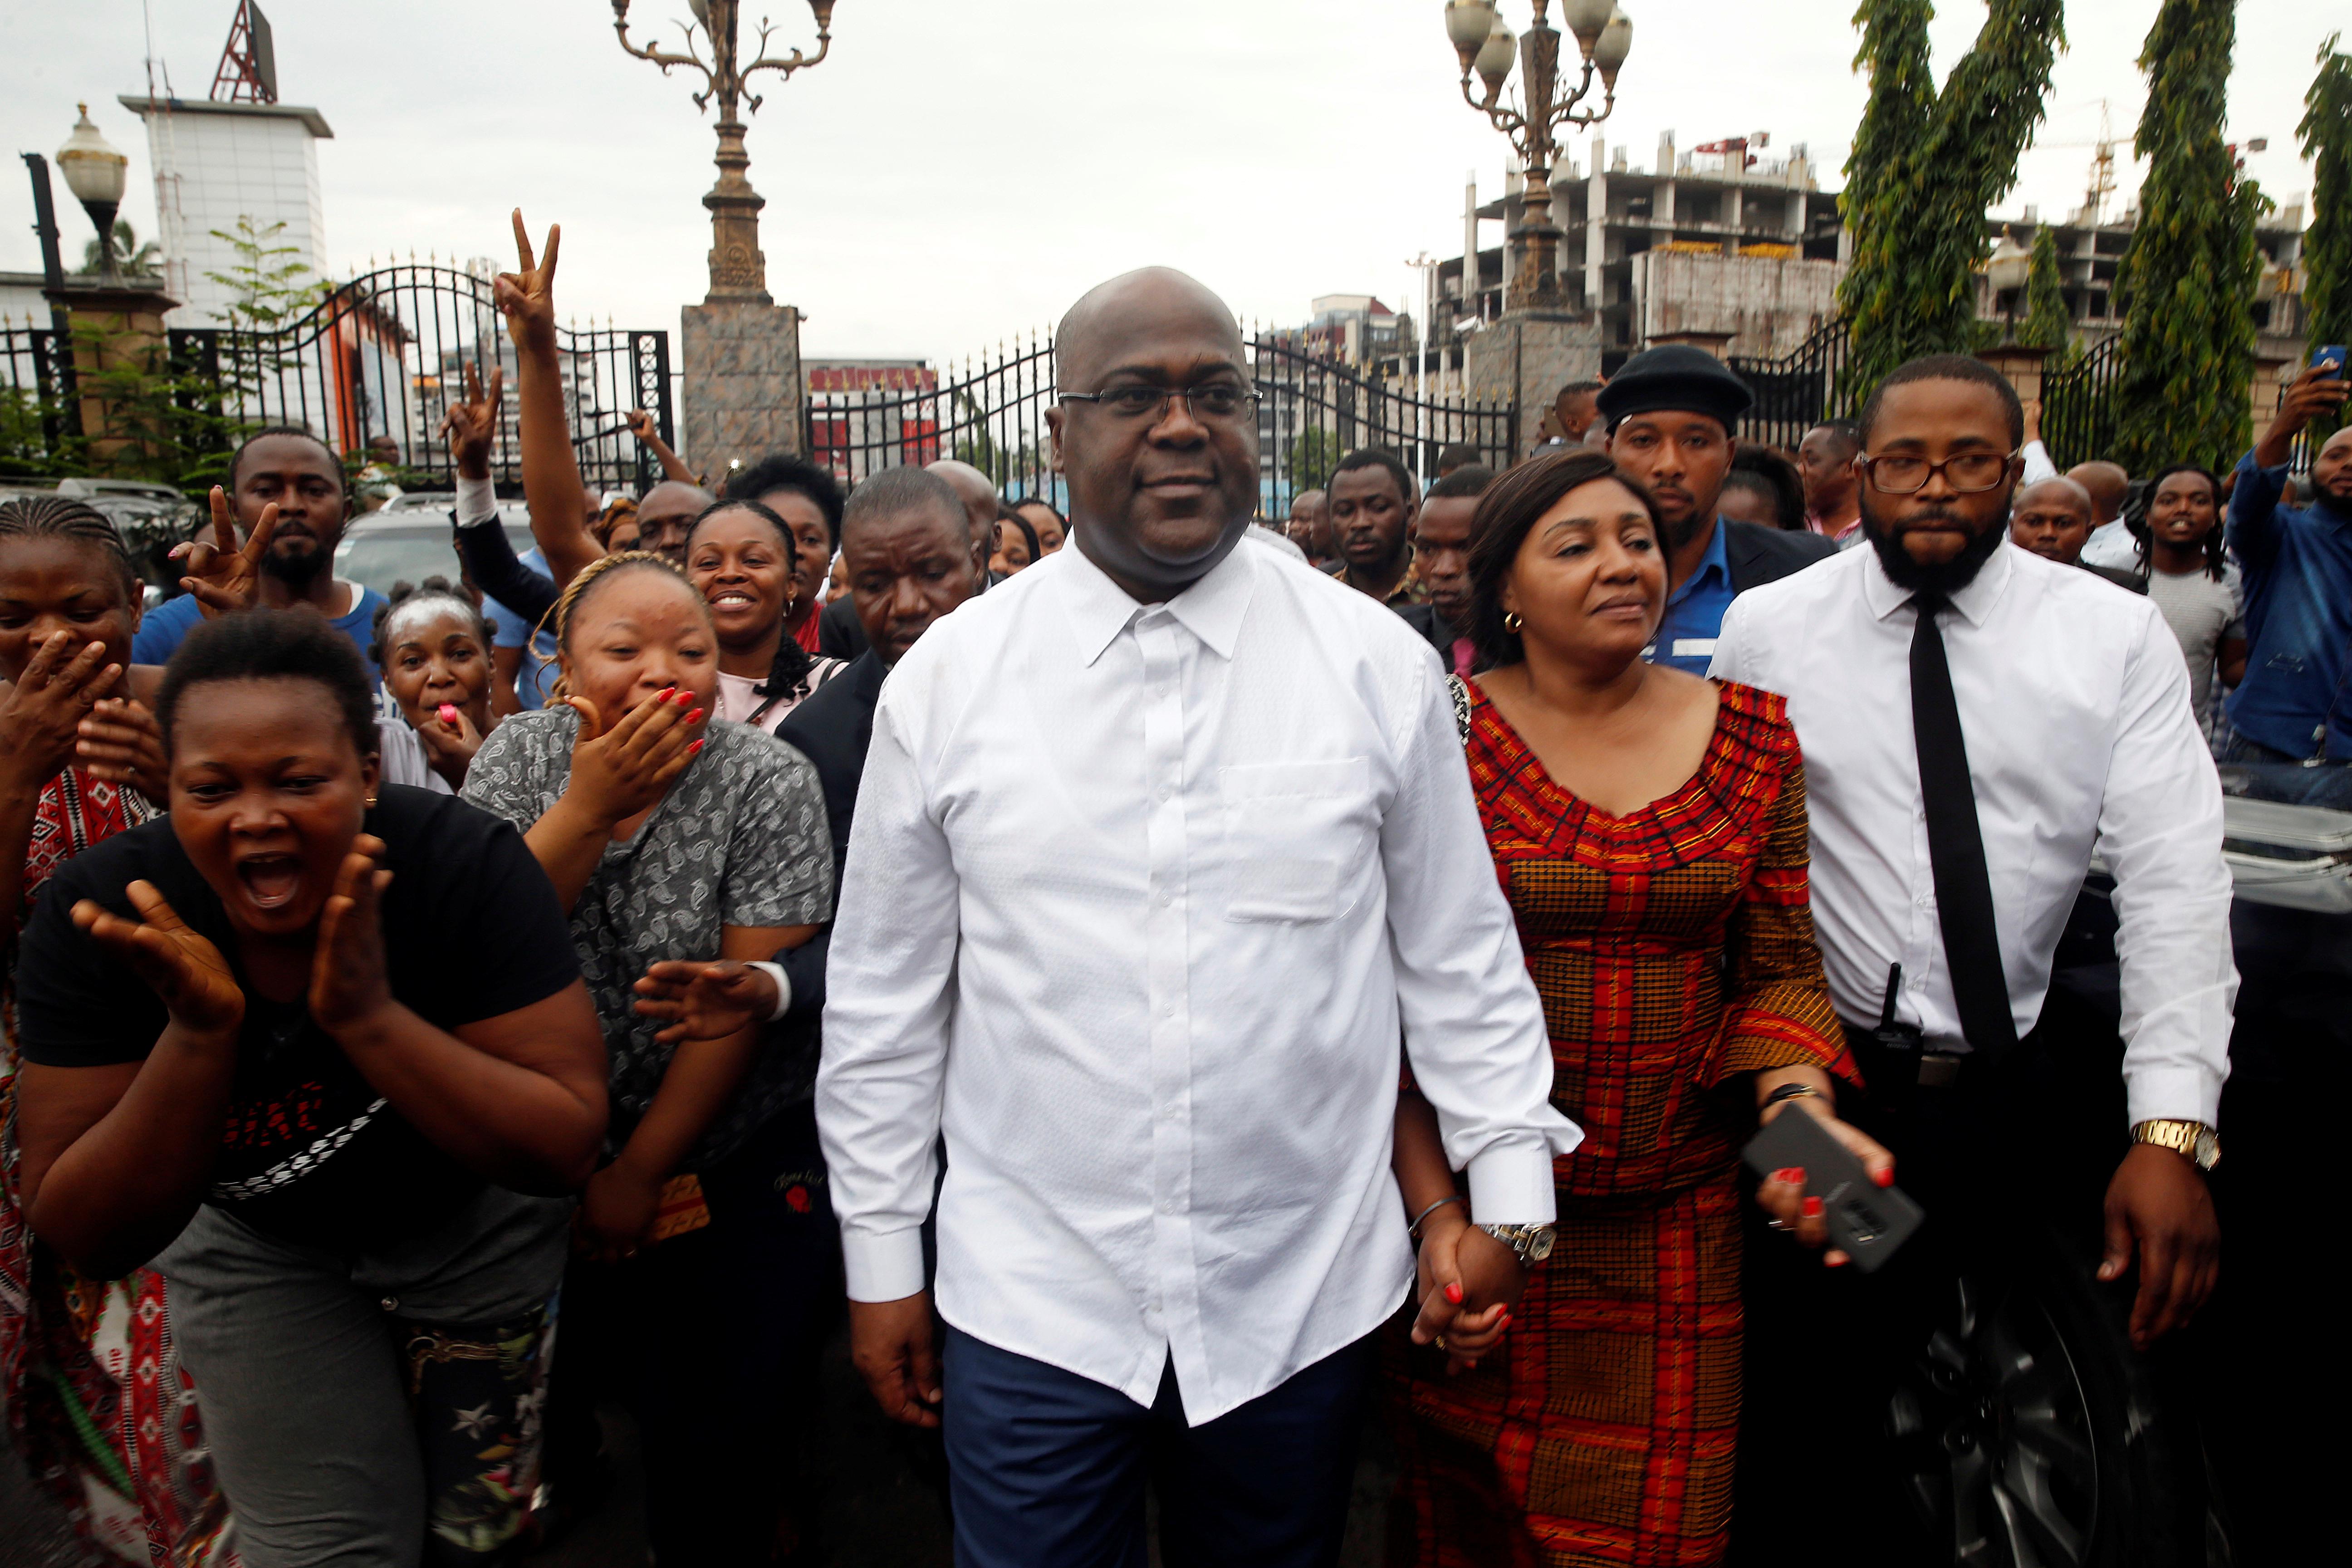 Félix Tshisekedi, le leader de l'UDPS, a été donné vainqueur de la présidentielle par les résultats provisoires de la Ceni, le 10 janvier 2019 à Kinshasa